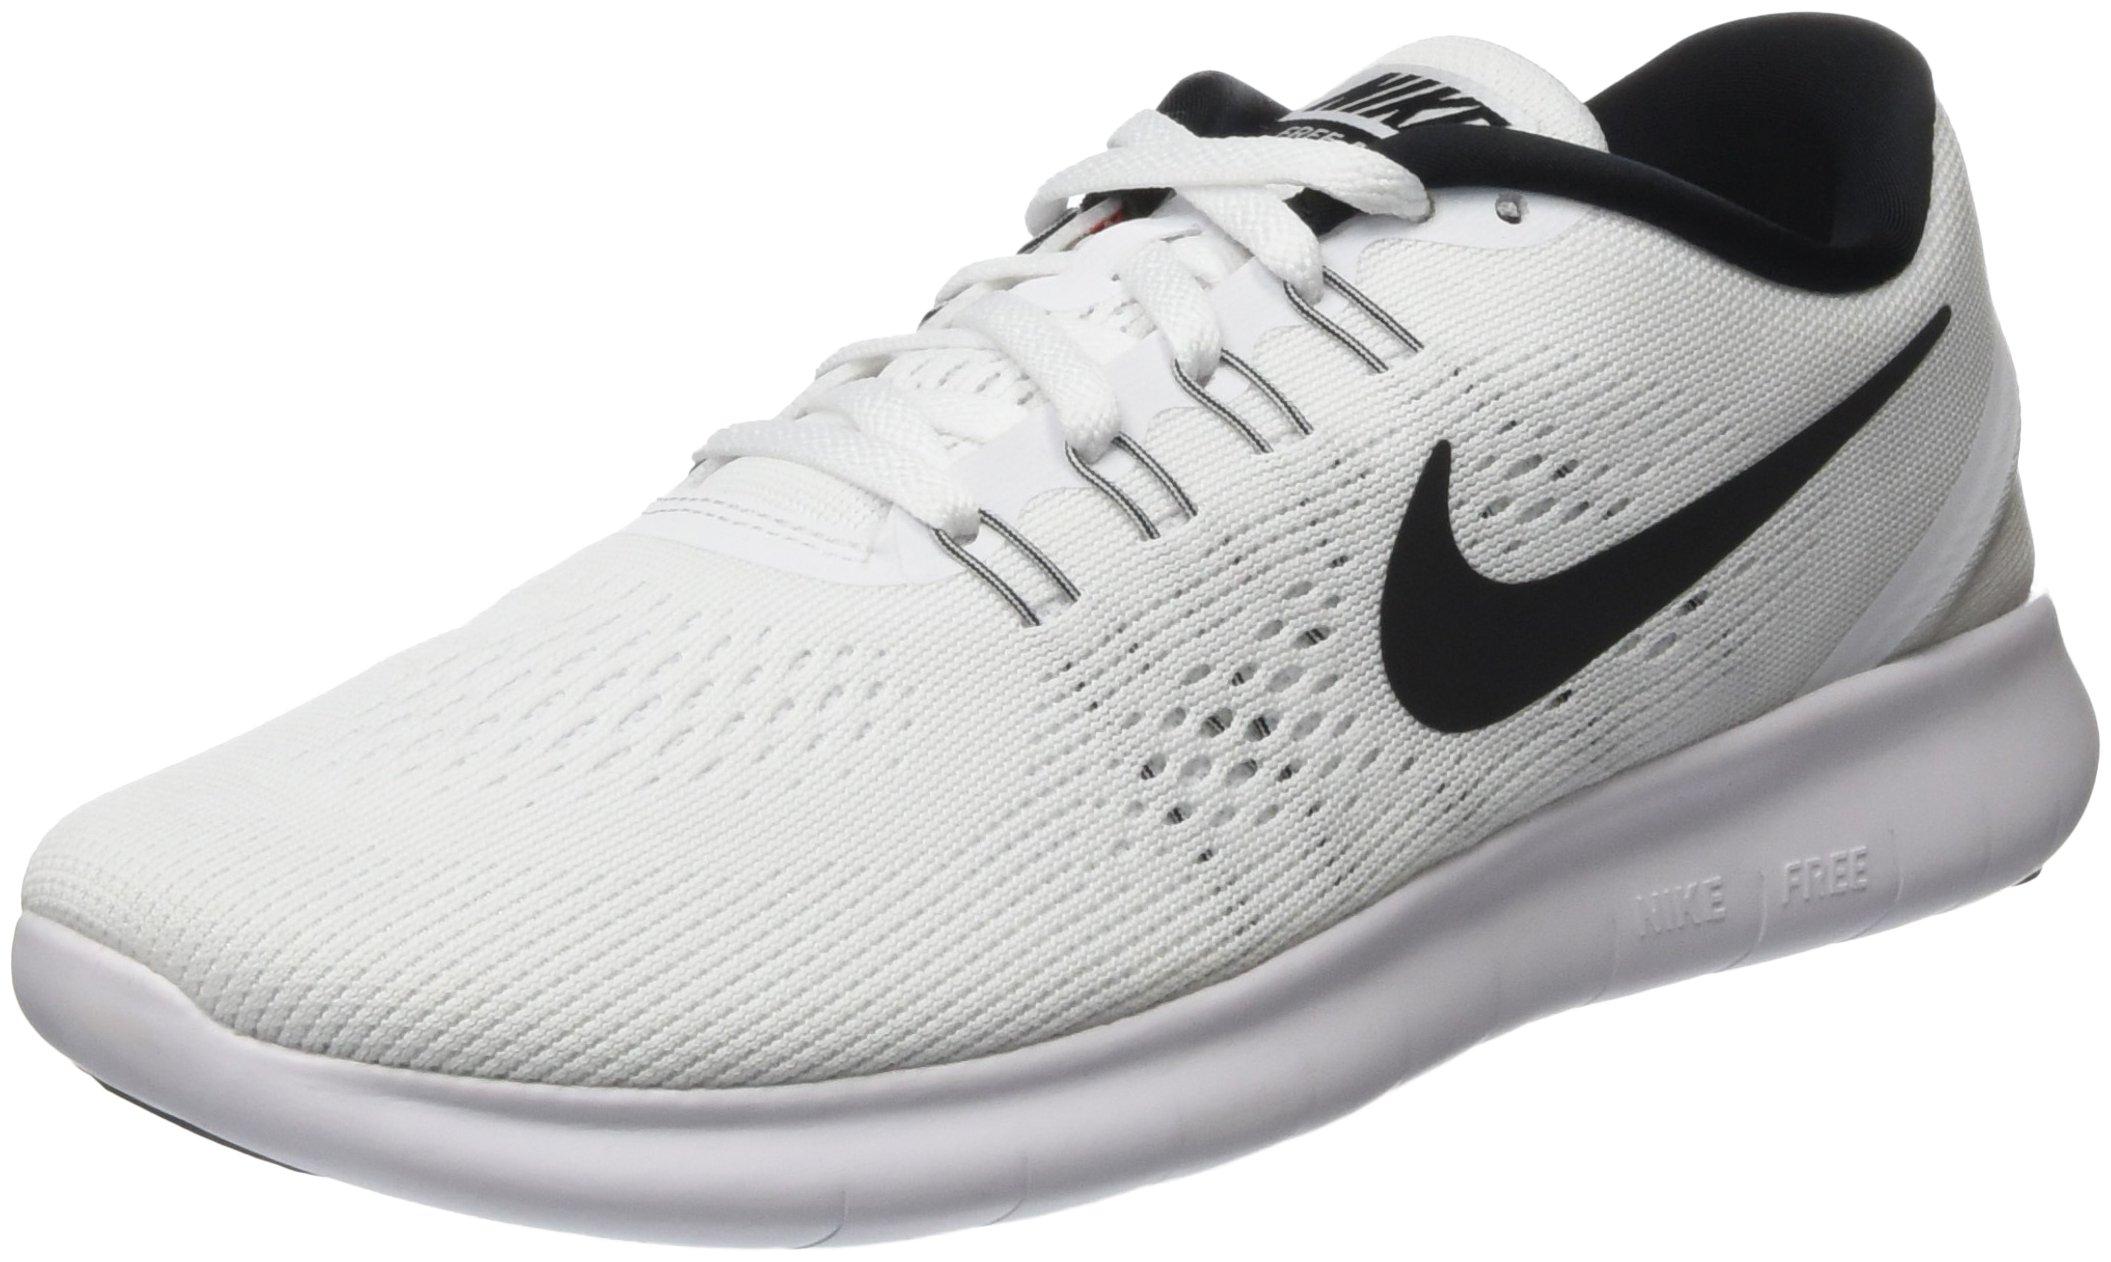 Nike Mens Free Rn Running Shoe White/Black 7